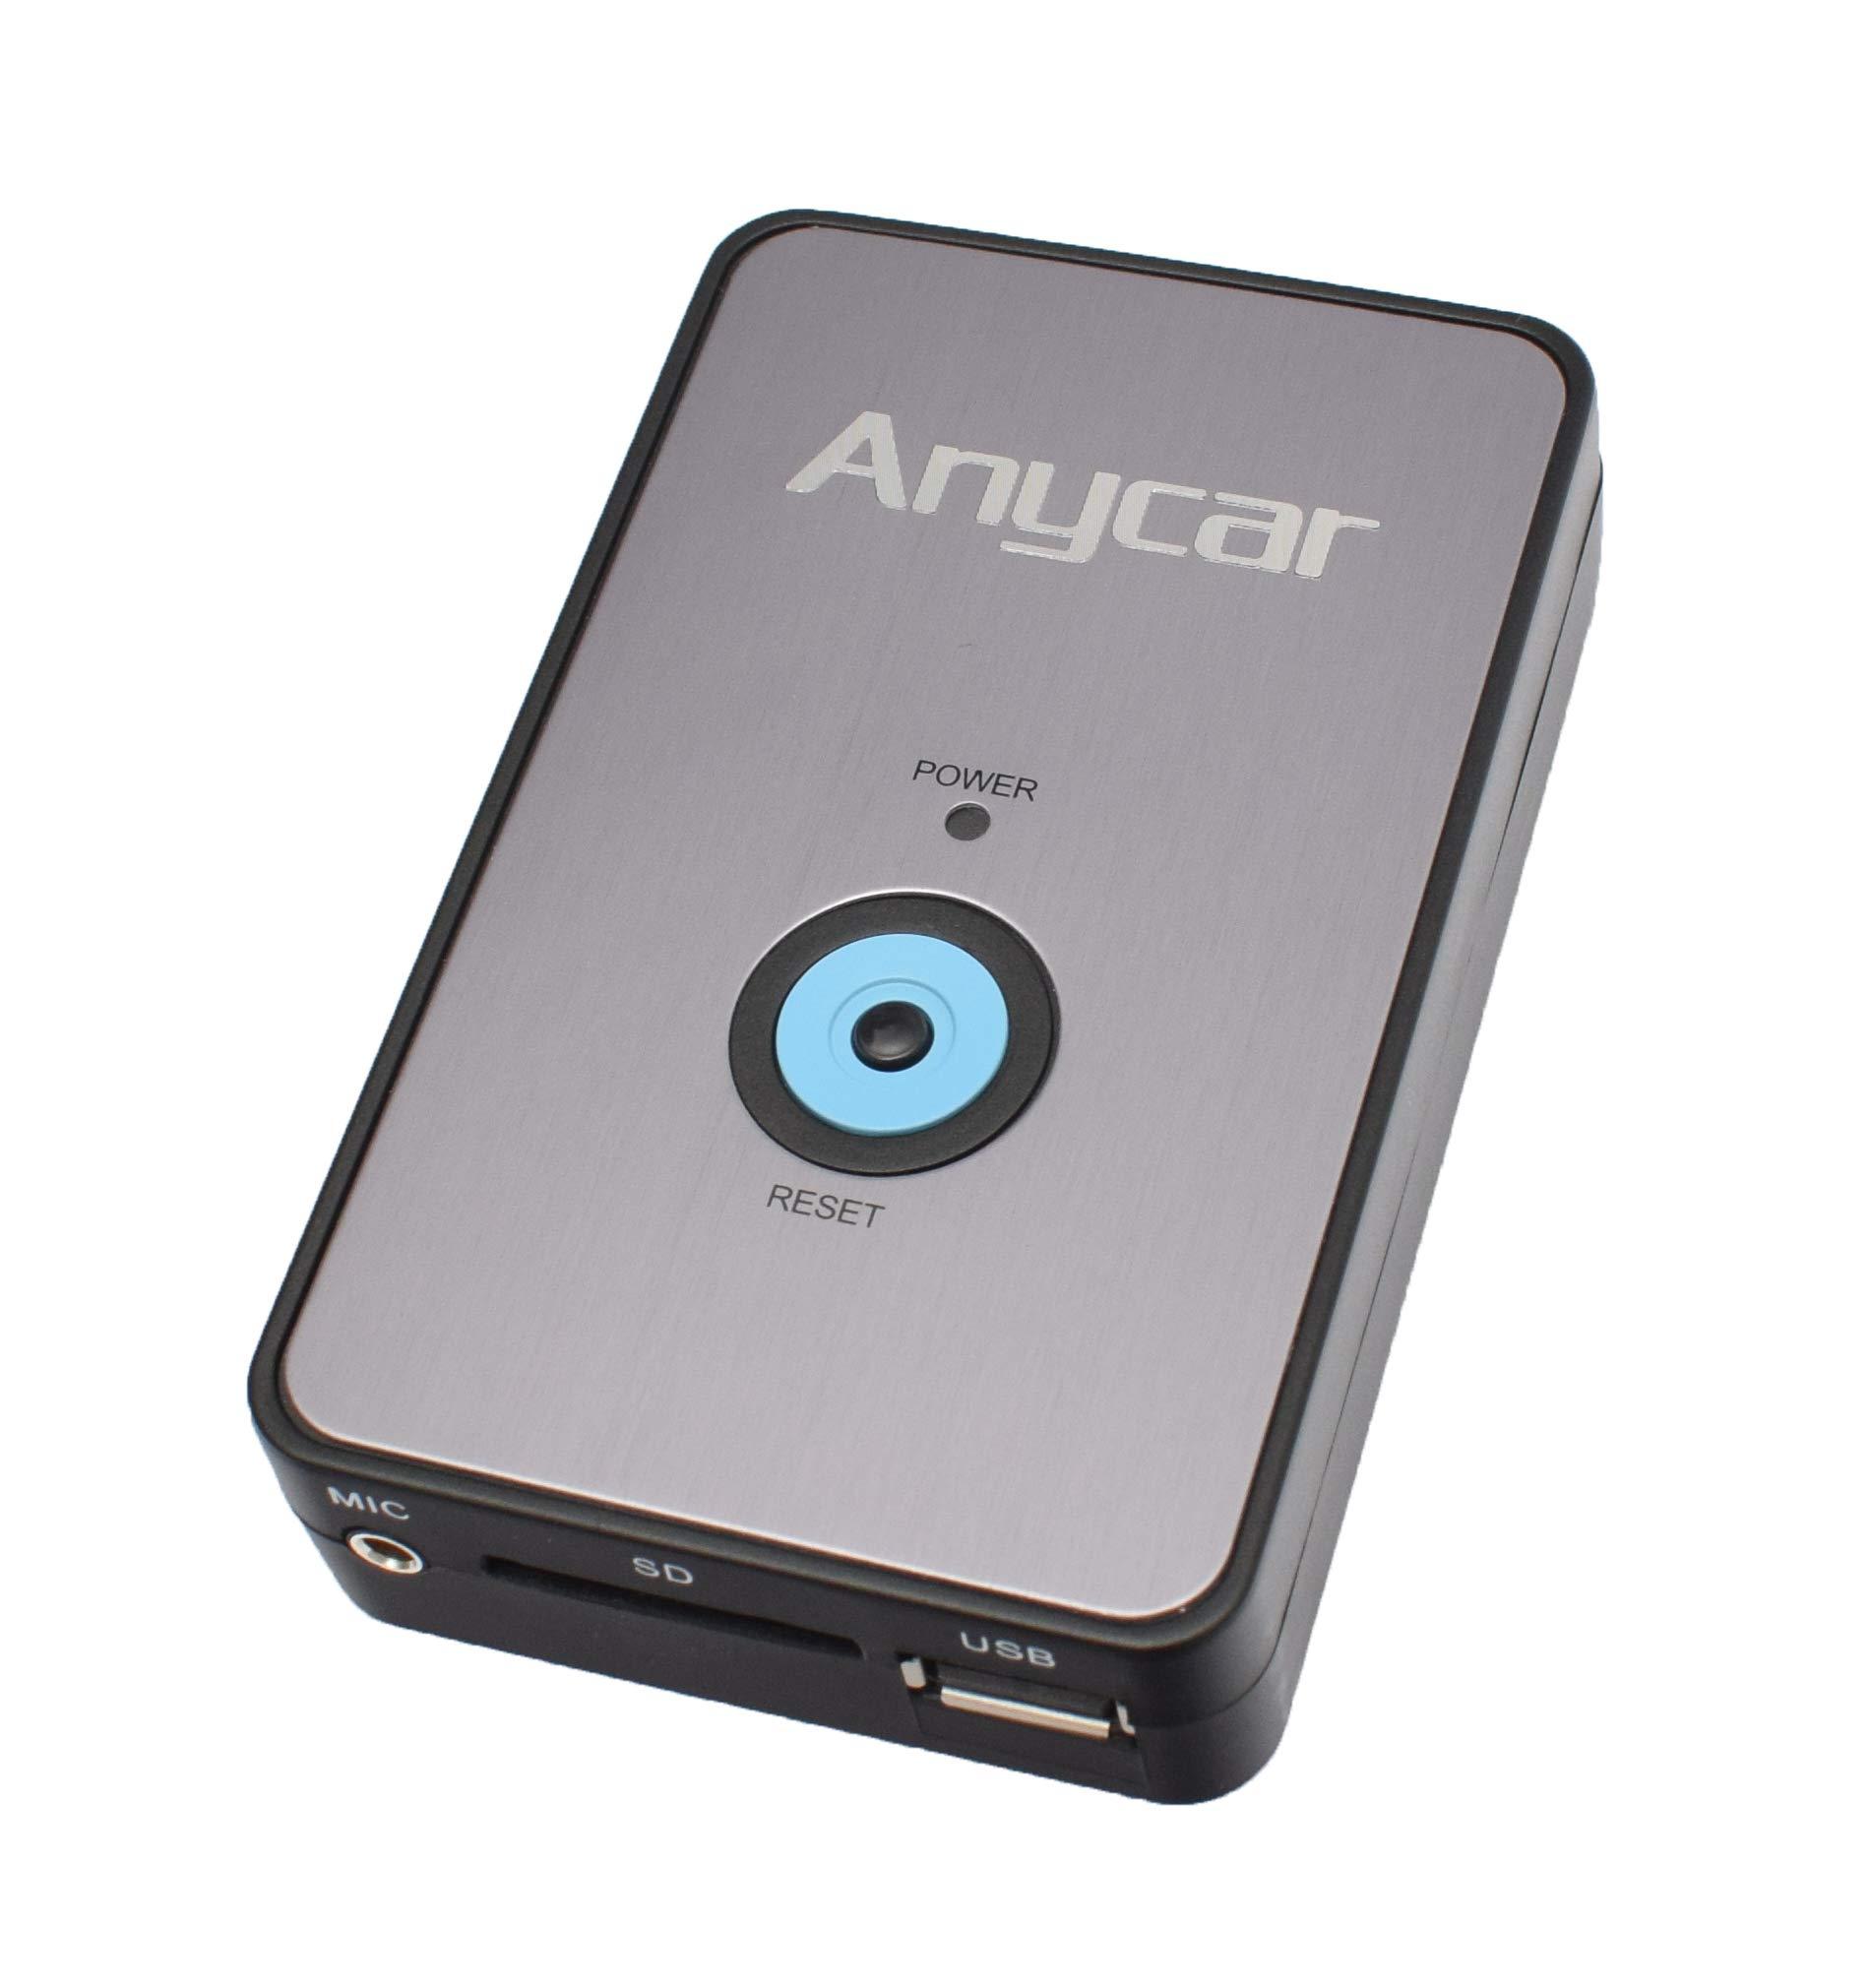 USB-SD-AUX-MP3-Adapter-Bluetooth-Freisprechanlage-fr-VW-RCD-210-RNS-310-ab-Juli-2010-Skoda-Beat-Cruise-Swing-ab-Juli-2010